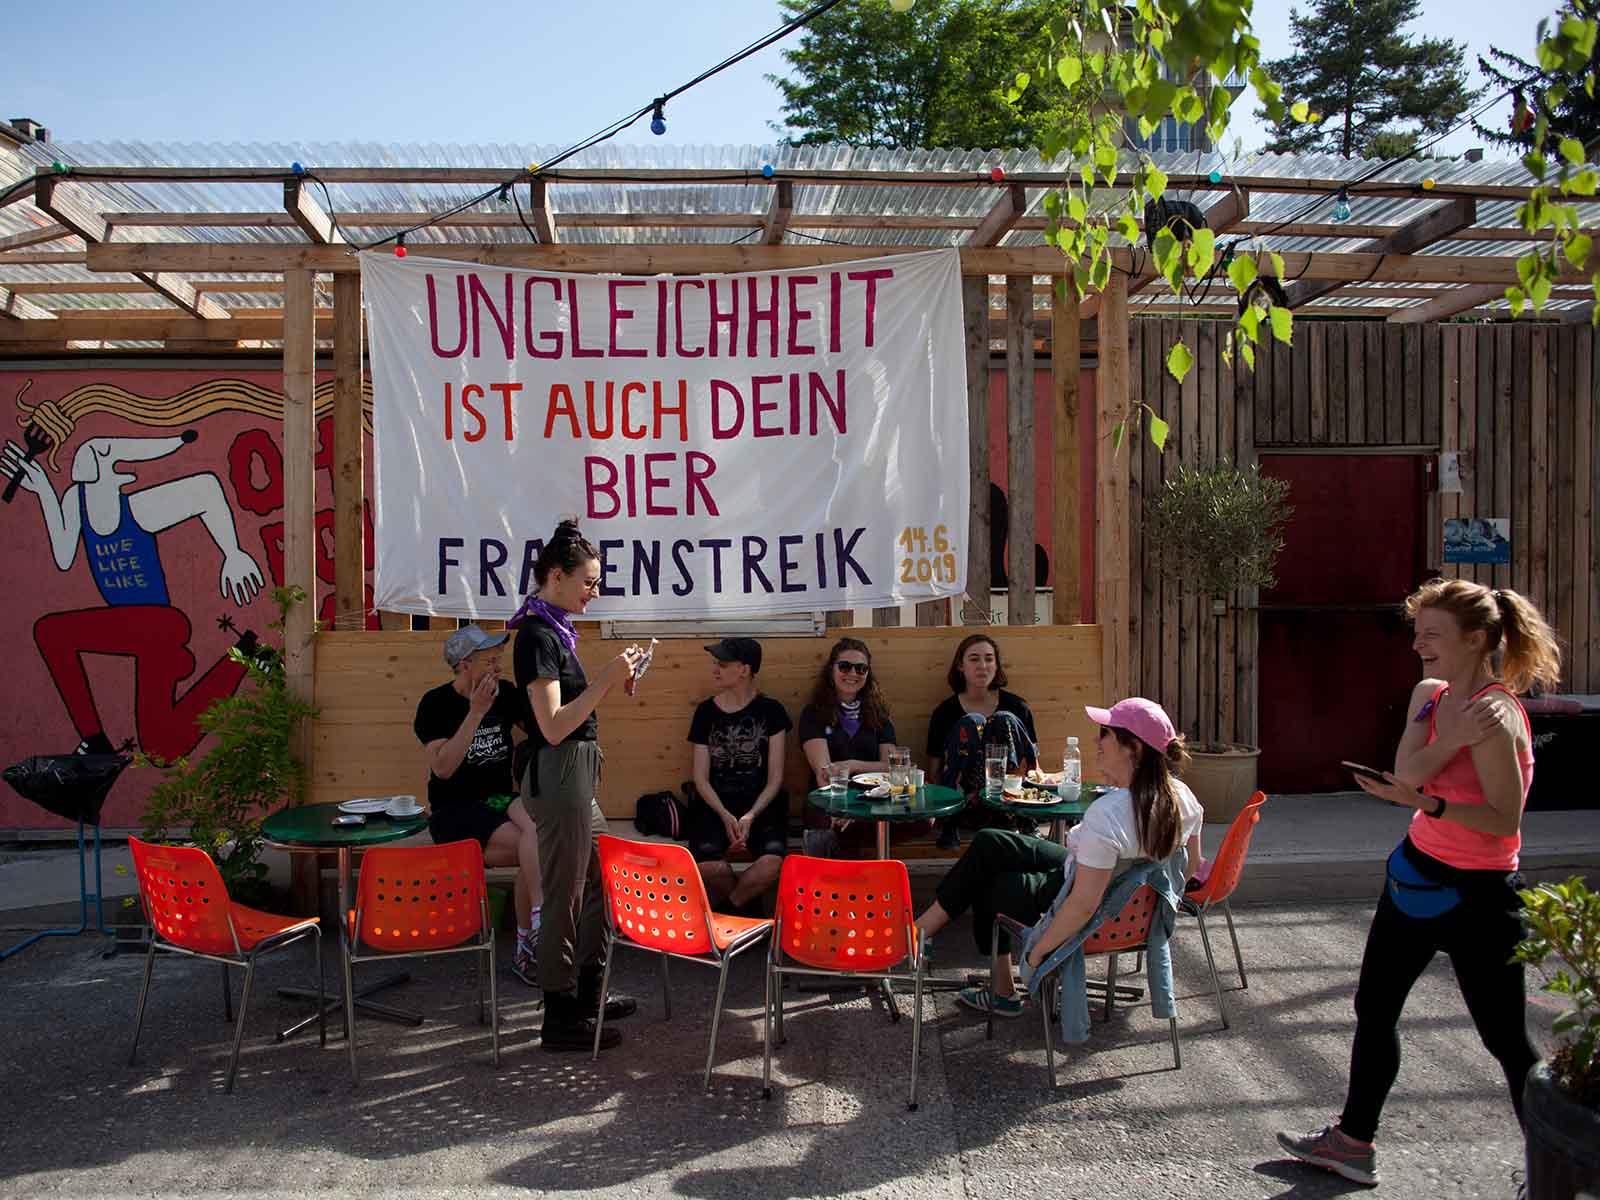 Gemütlicher Start in den bewegenden Tag: Solidarischer Brunch auf dem Park Platz.